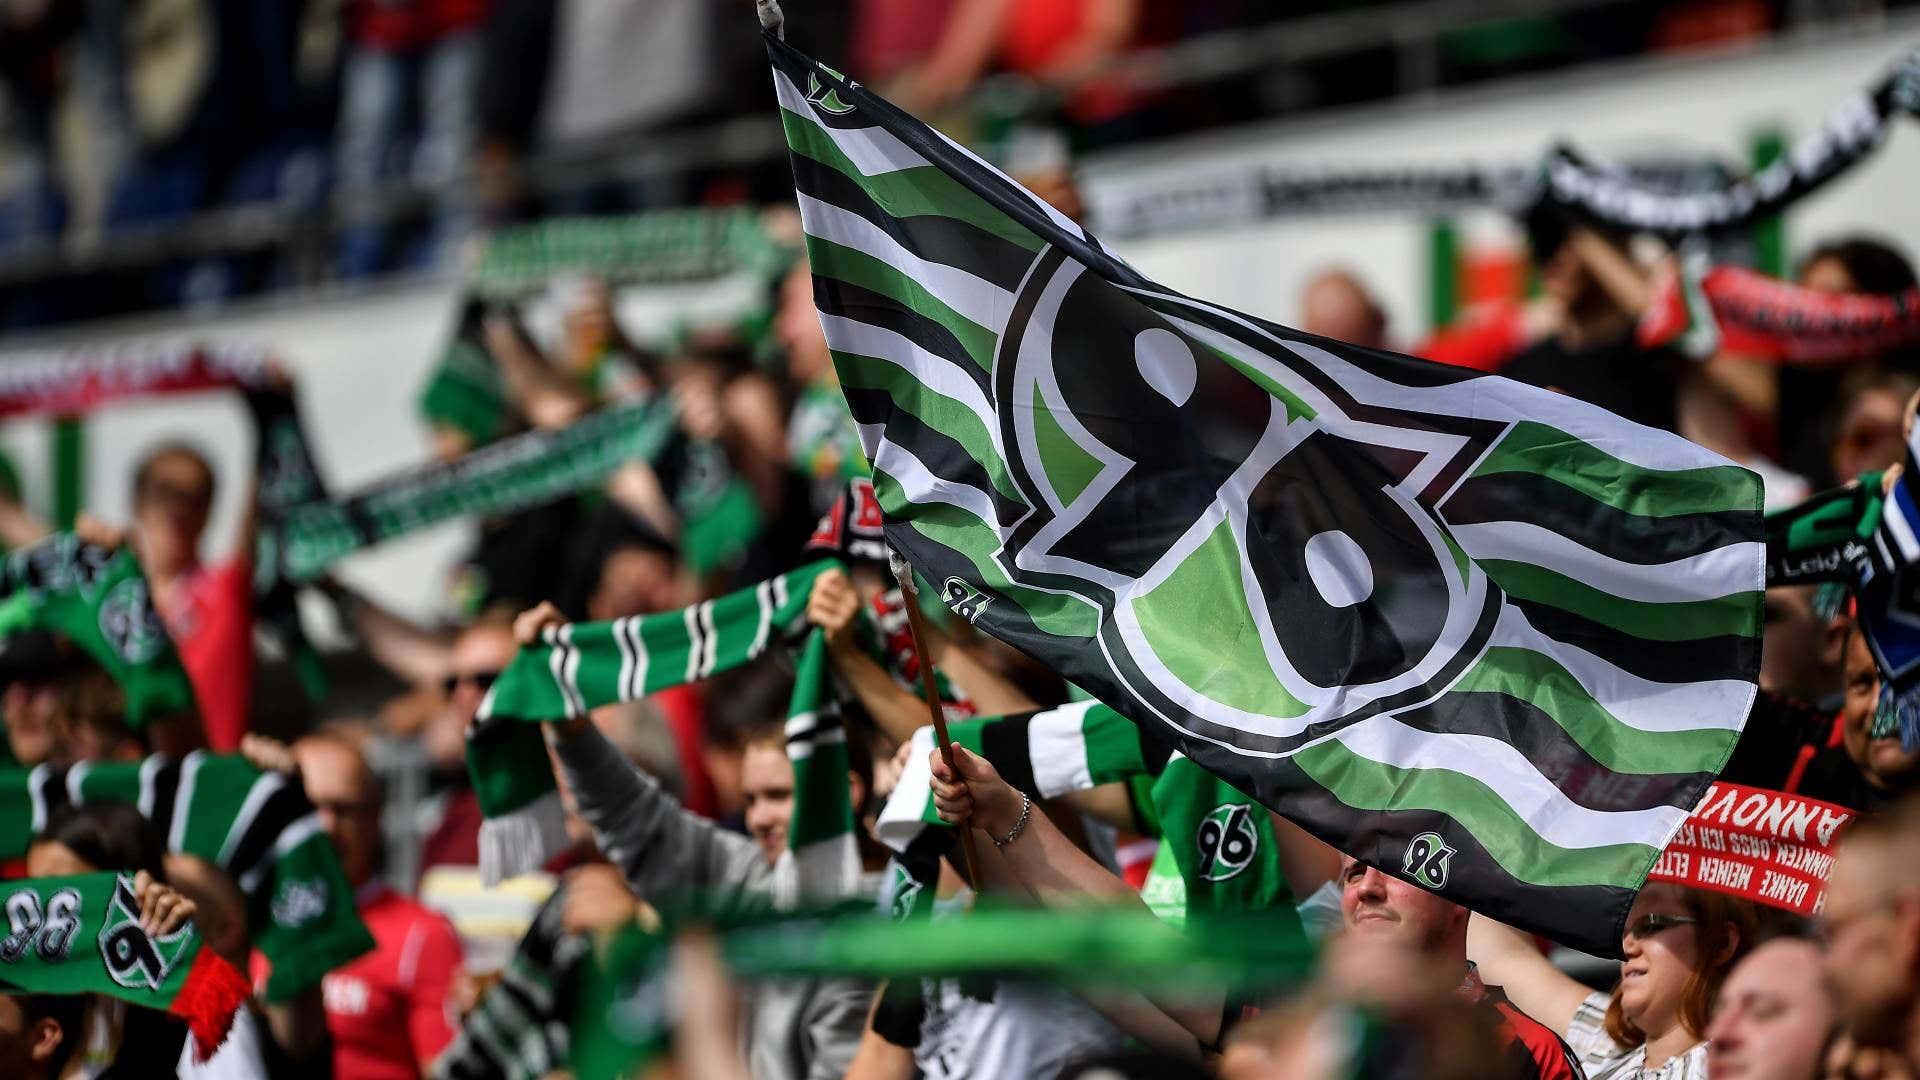 Hannover 96 vs. Fortuna Düsseldorf heute live: TV, LIVE-STREAM, LIVE-TICKER, Aufstellung - so wird der DFB-Pokal übertragen   Goal.com